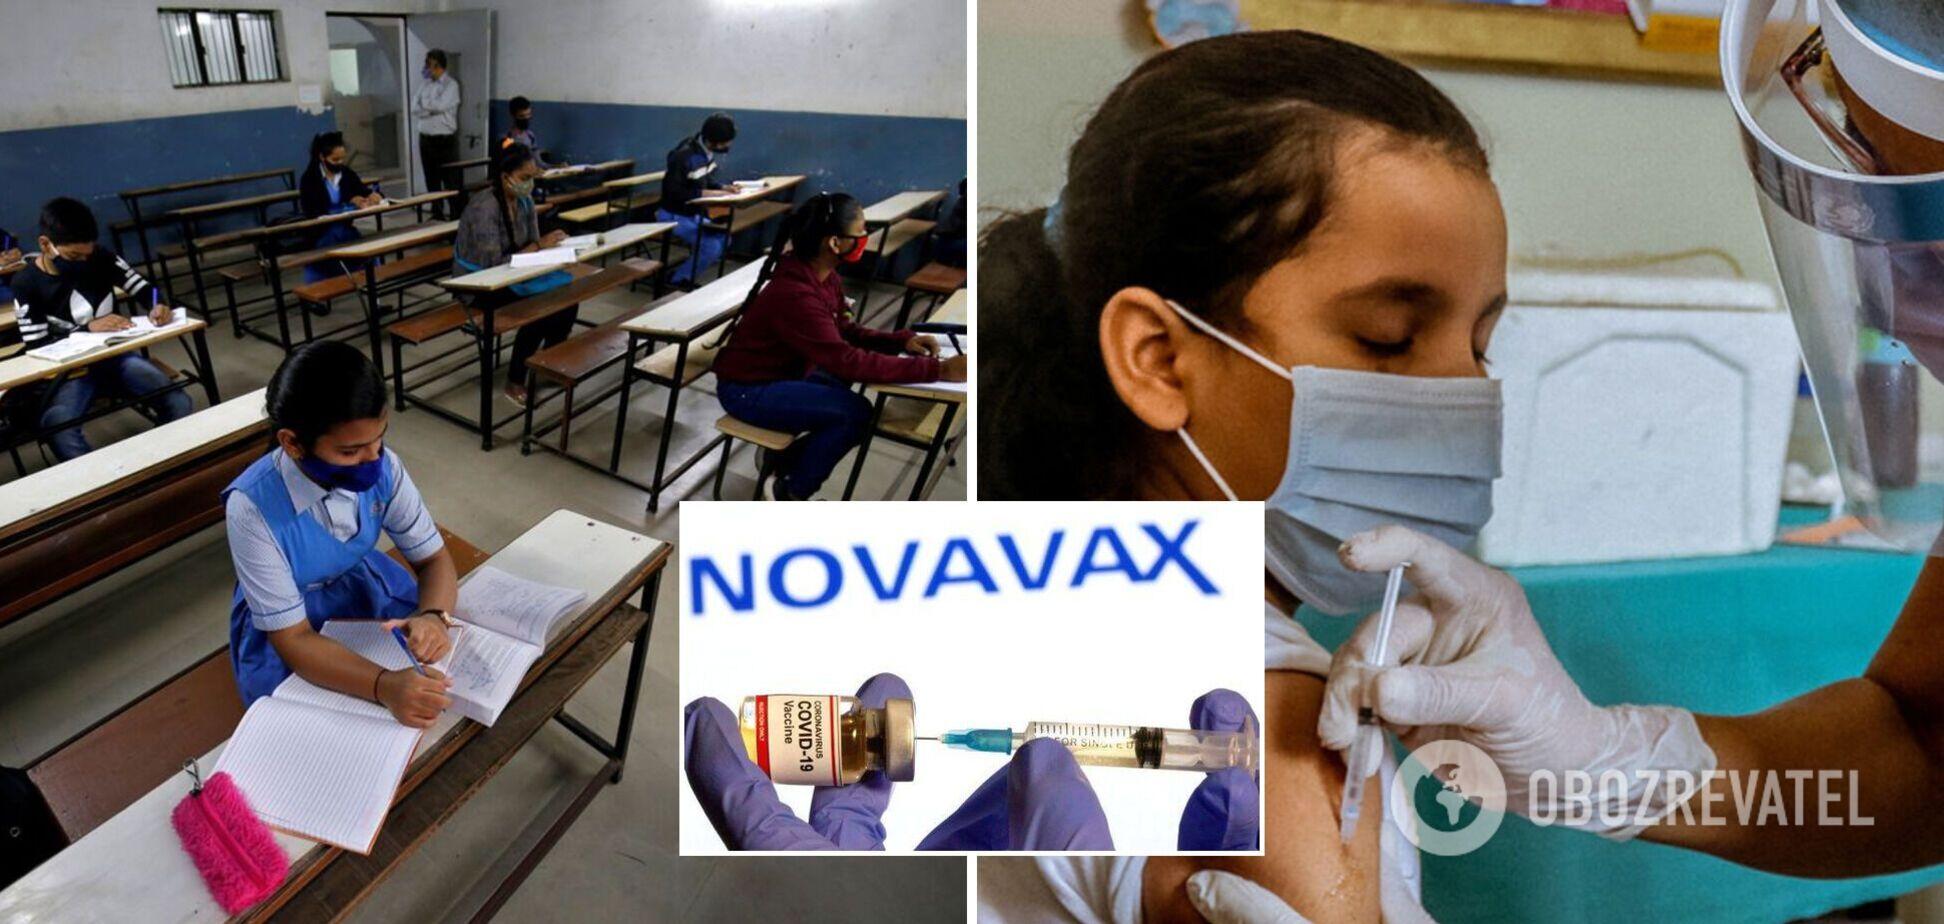 В Индии разрешили тестирование вакцины Novavax против COVID-19 на детях 7-11 лет – Reuters